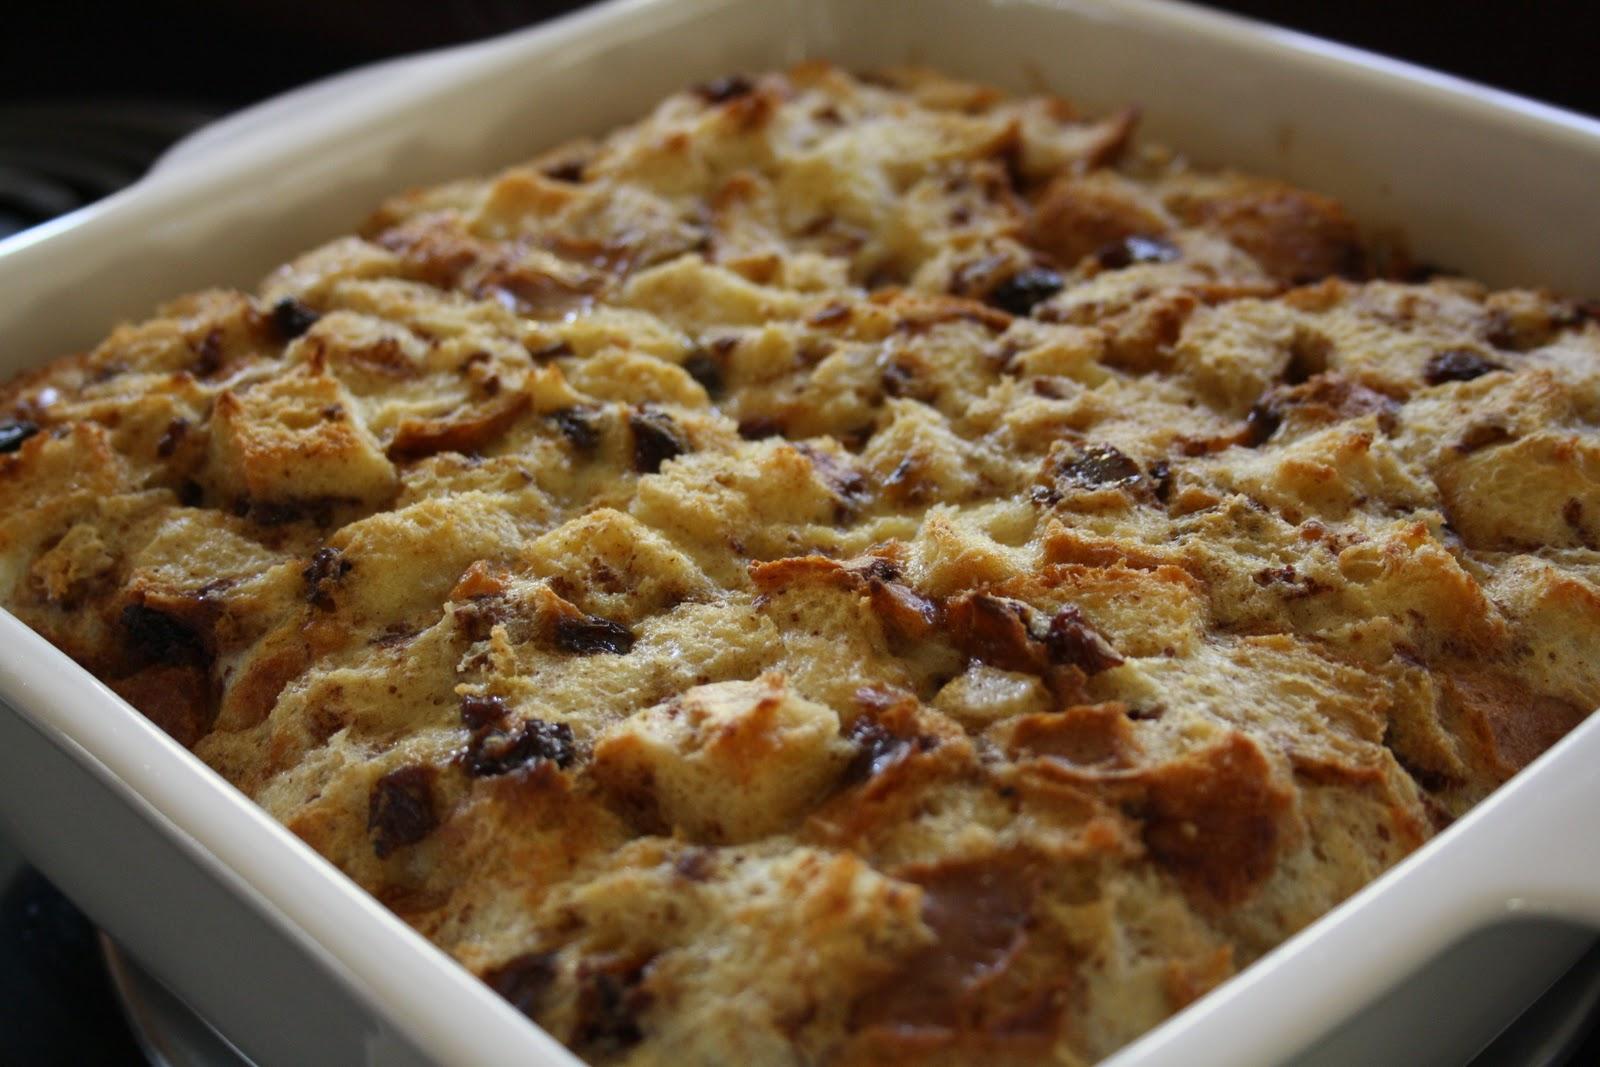 Meals With Michelle Cinnamon Raisin Bread Pudding